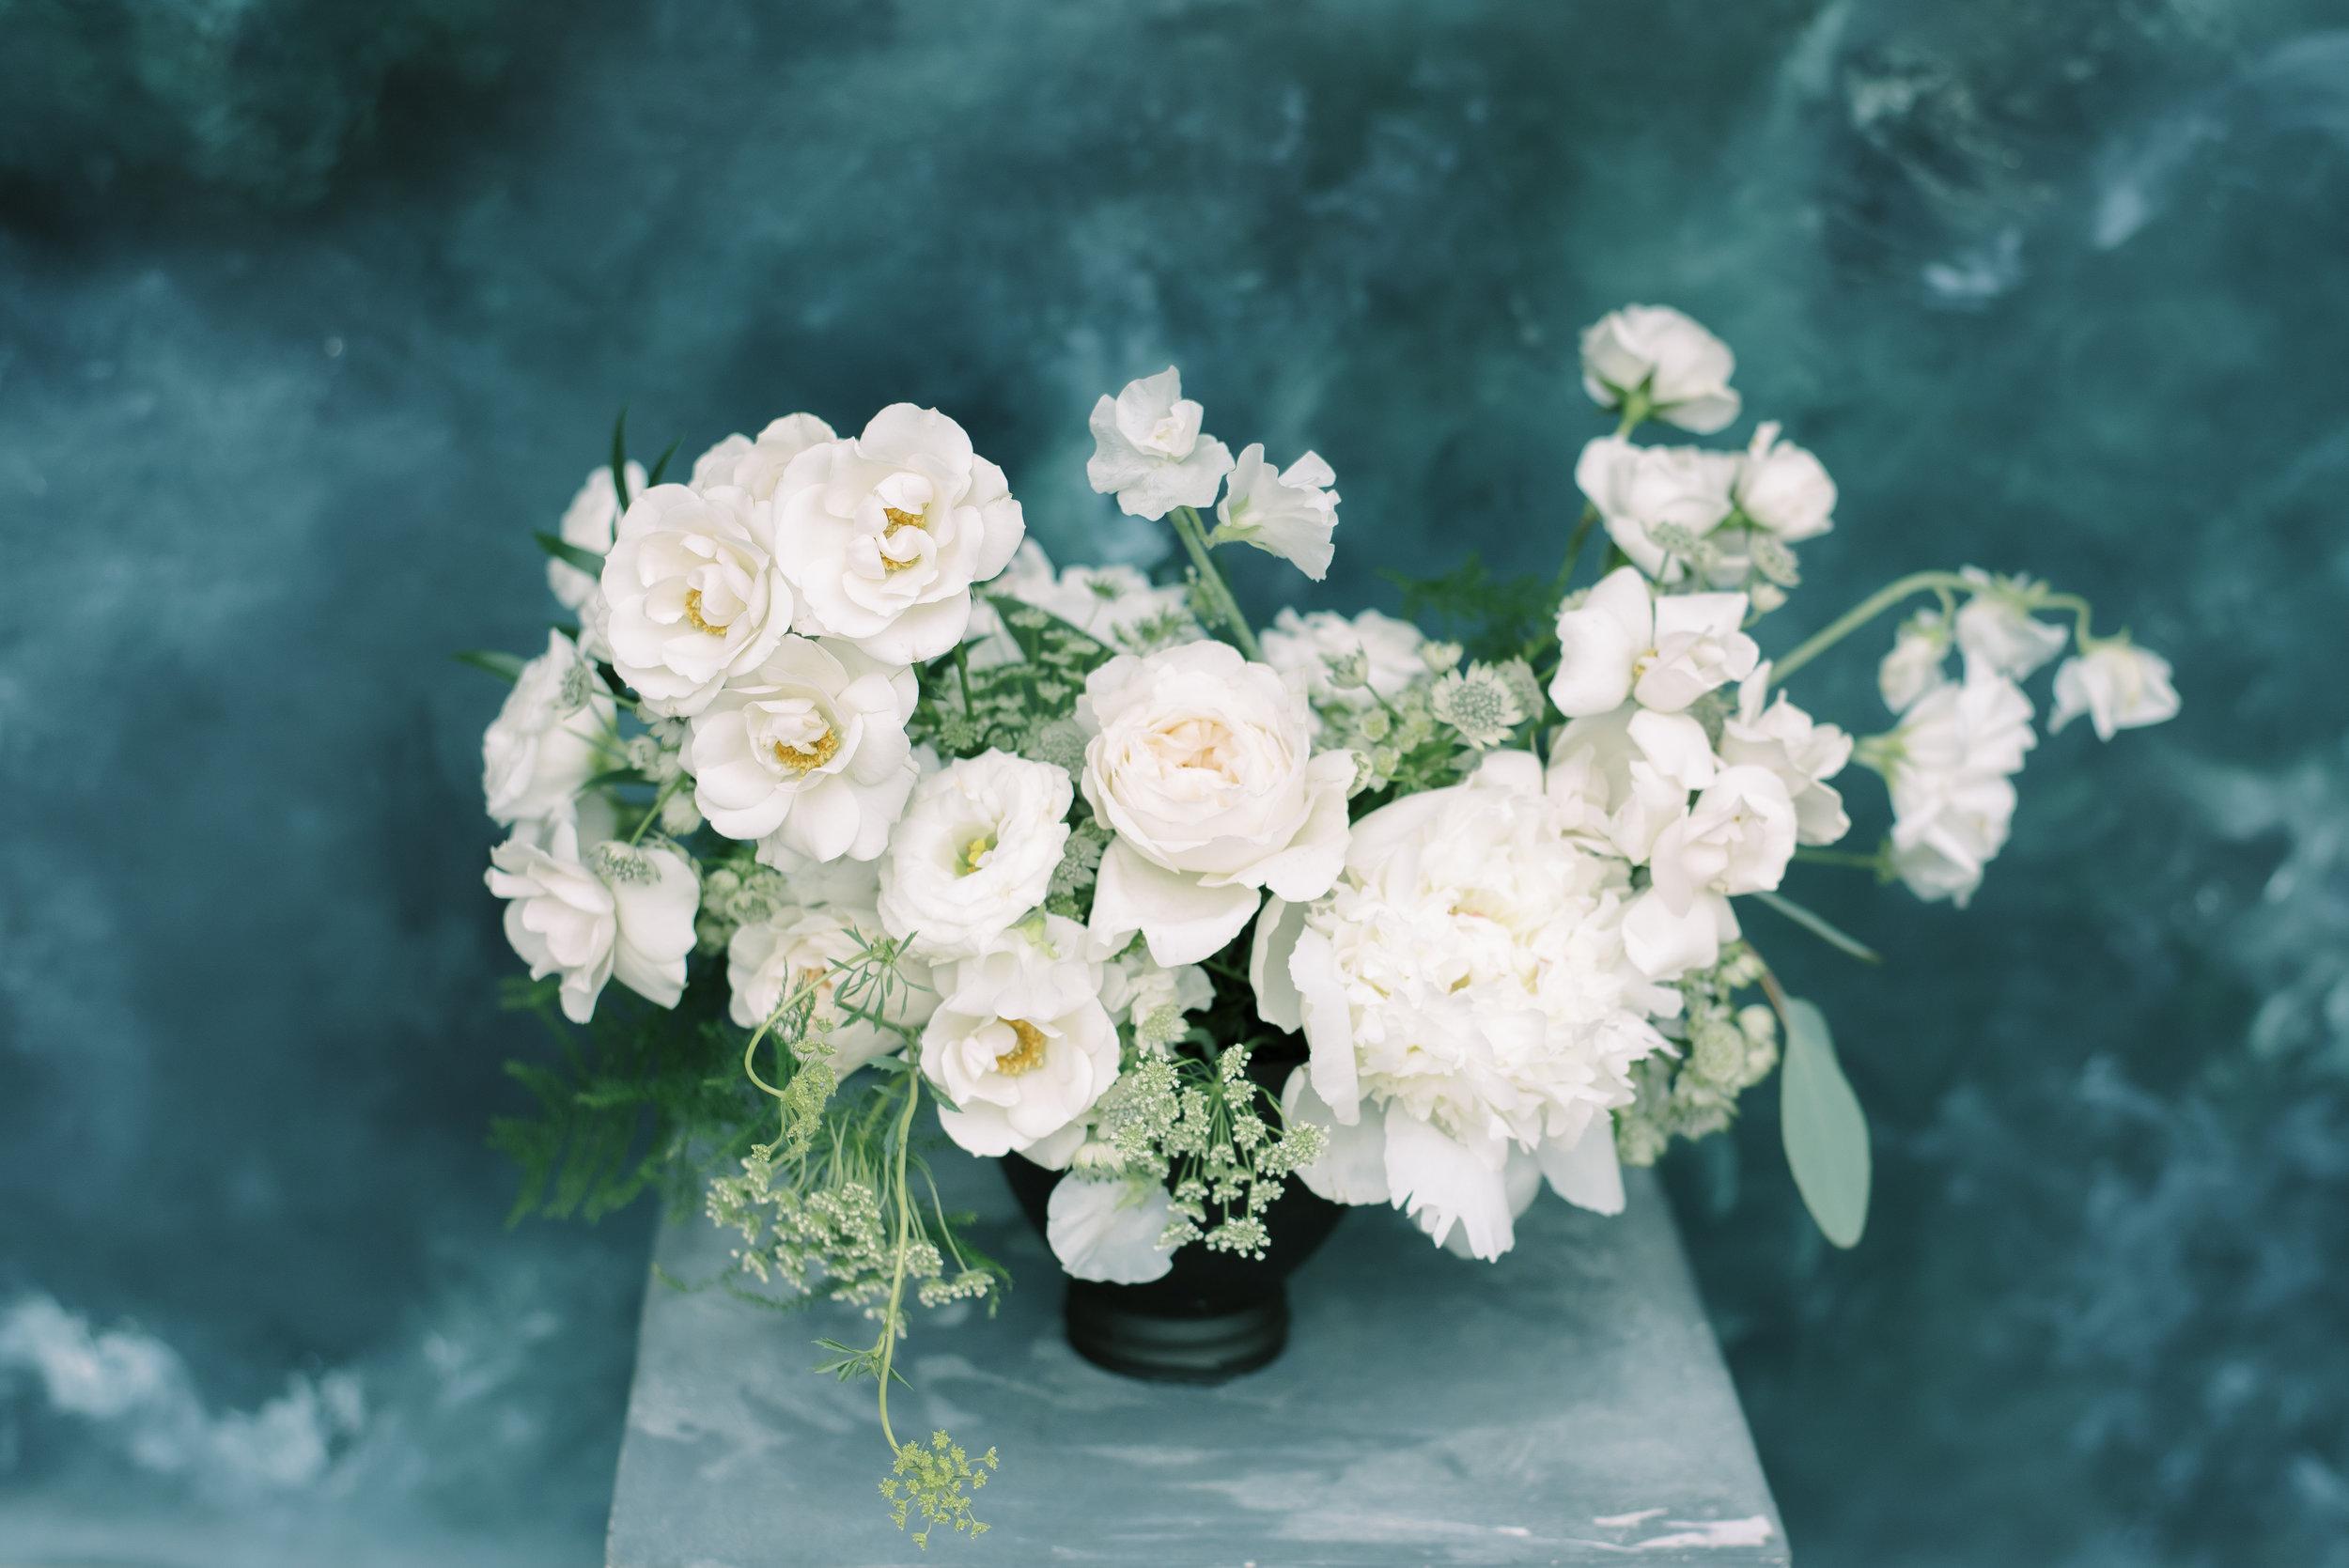 roots-floral-design-cincinnati-branding-photographer-laura-katie-photography-1.jpg